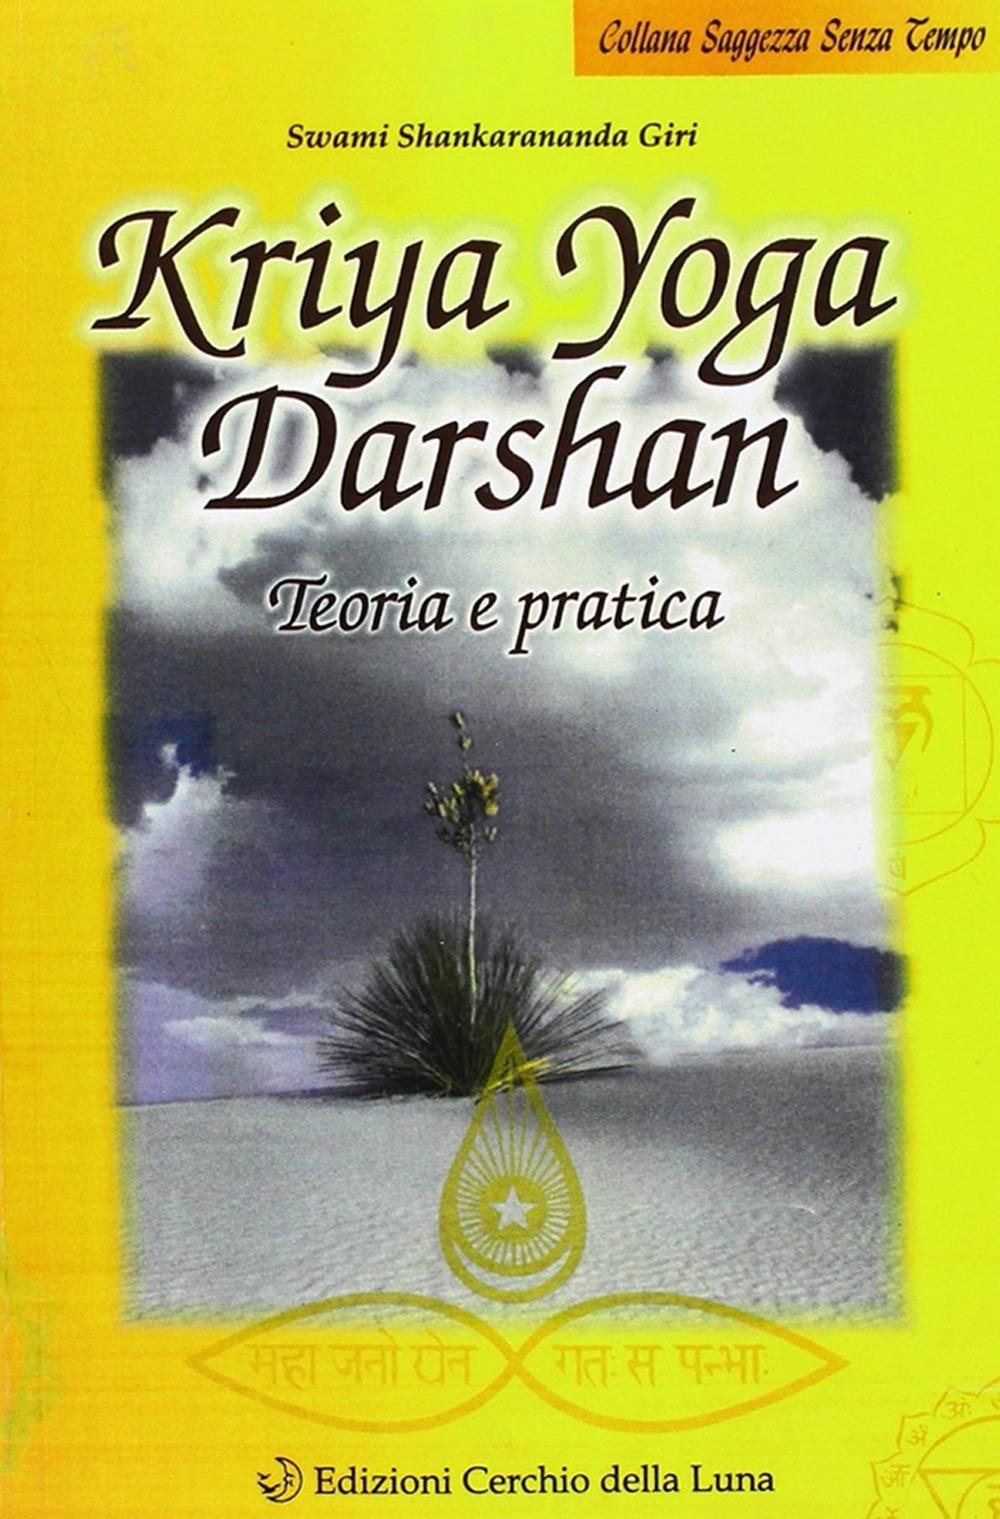 Kriya yoga darshan. Teoria e pratica.